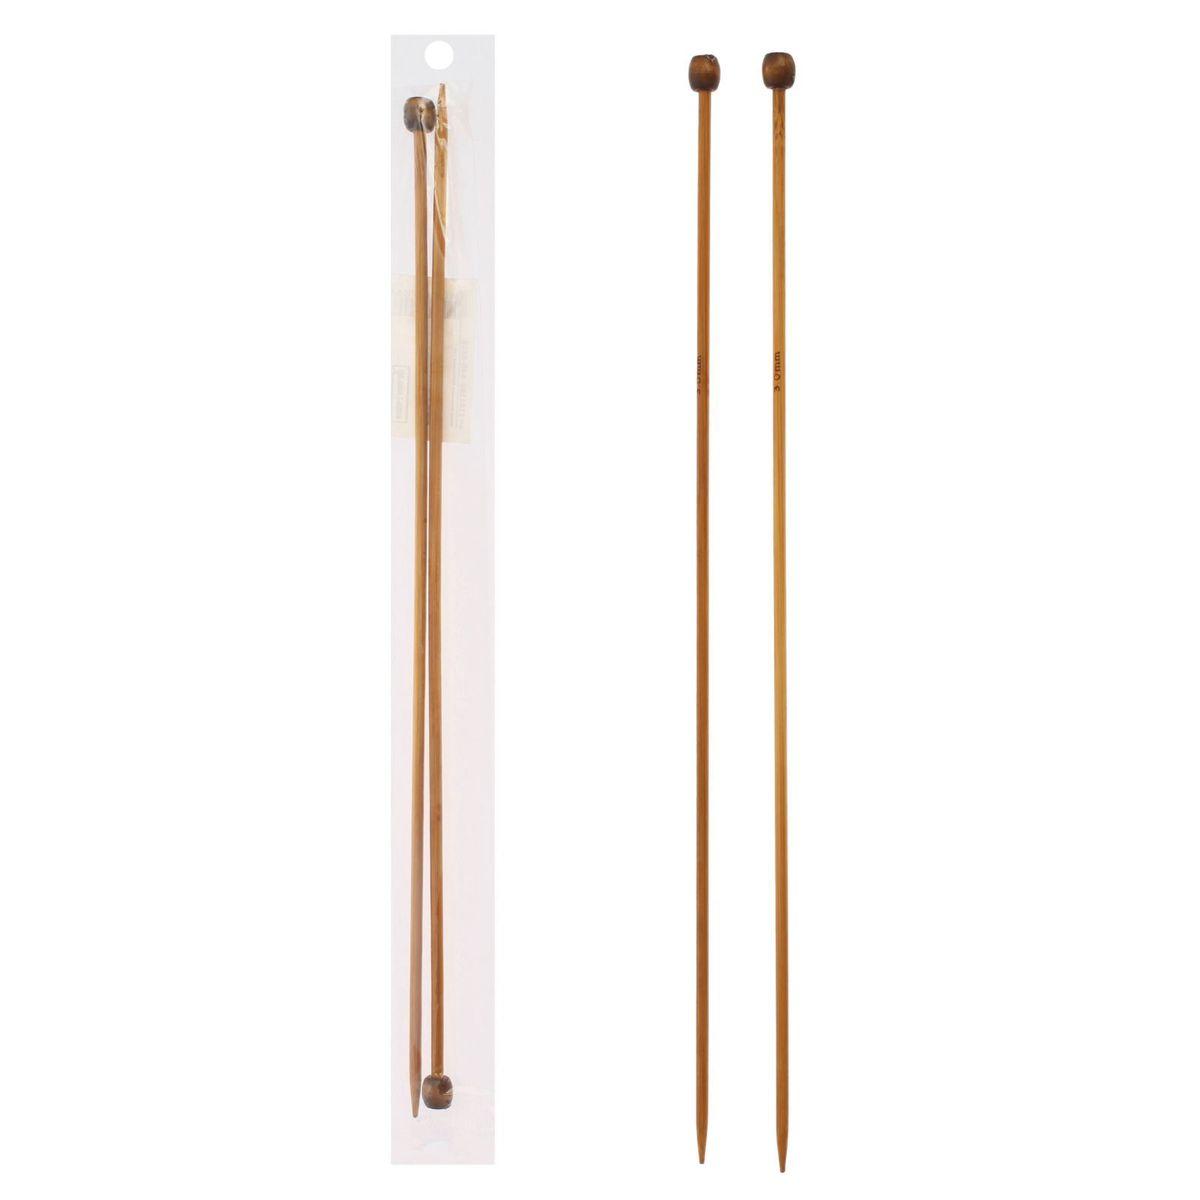 Спицы Sima-land, бамбуковые, прямые, диаметр 3 мм, длина 25 см, 2 шт сувенирное оружие sima land мушкет на планшете 2 шт 227436